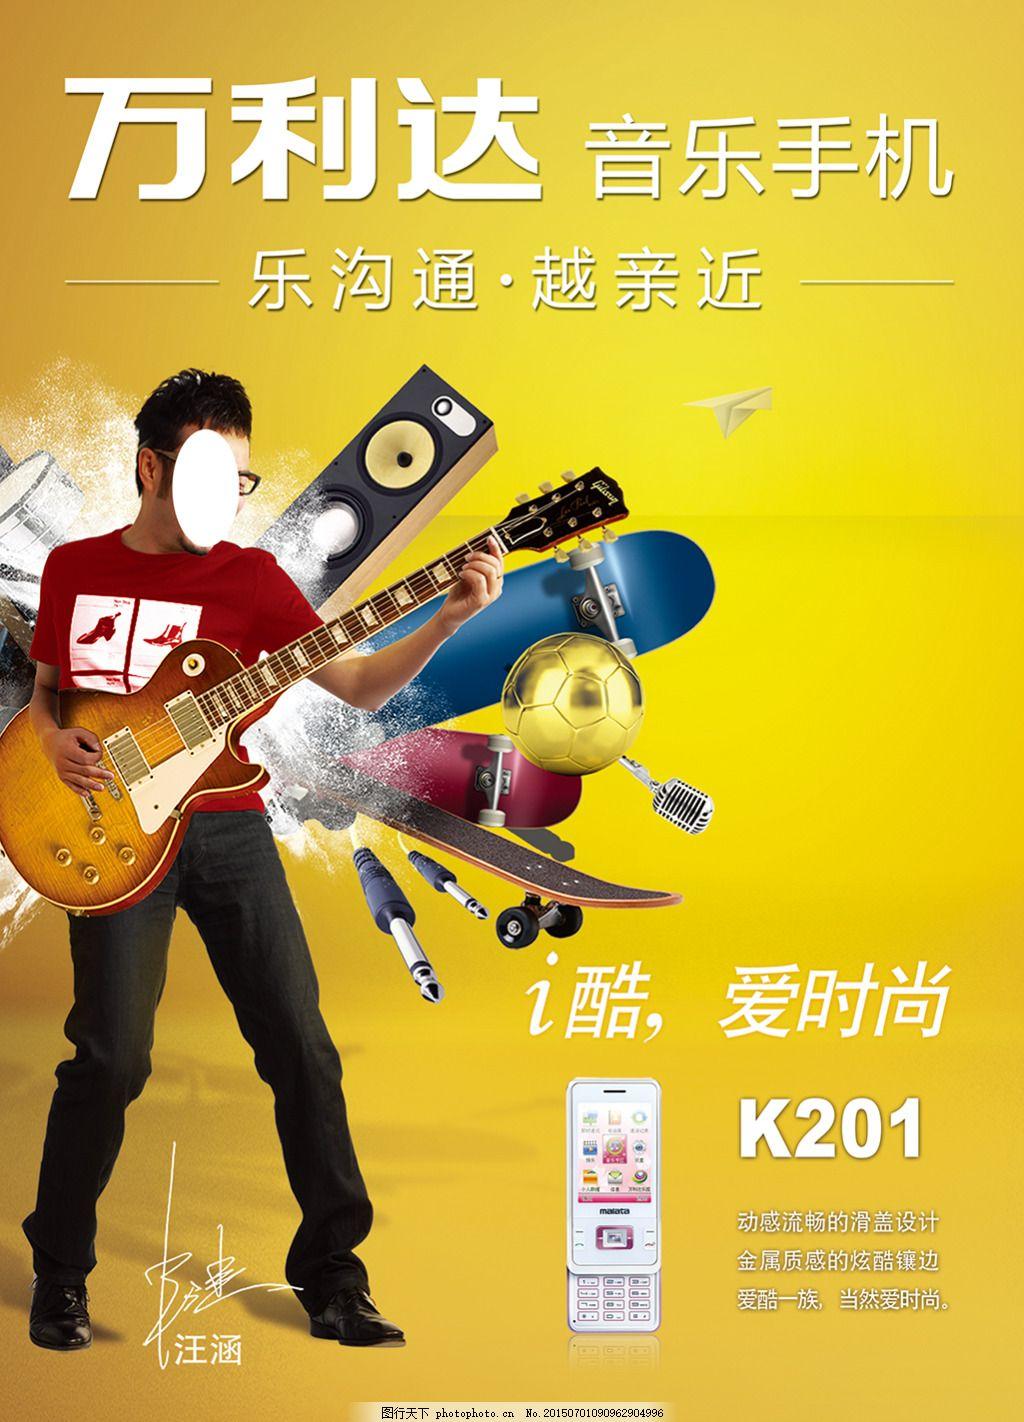 万利达手机海报 万利达 音乐手机 汪涵 明星代言 吉他 k201 手机海报